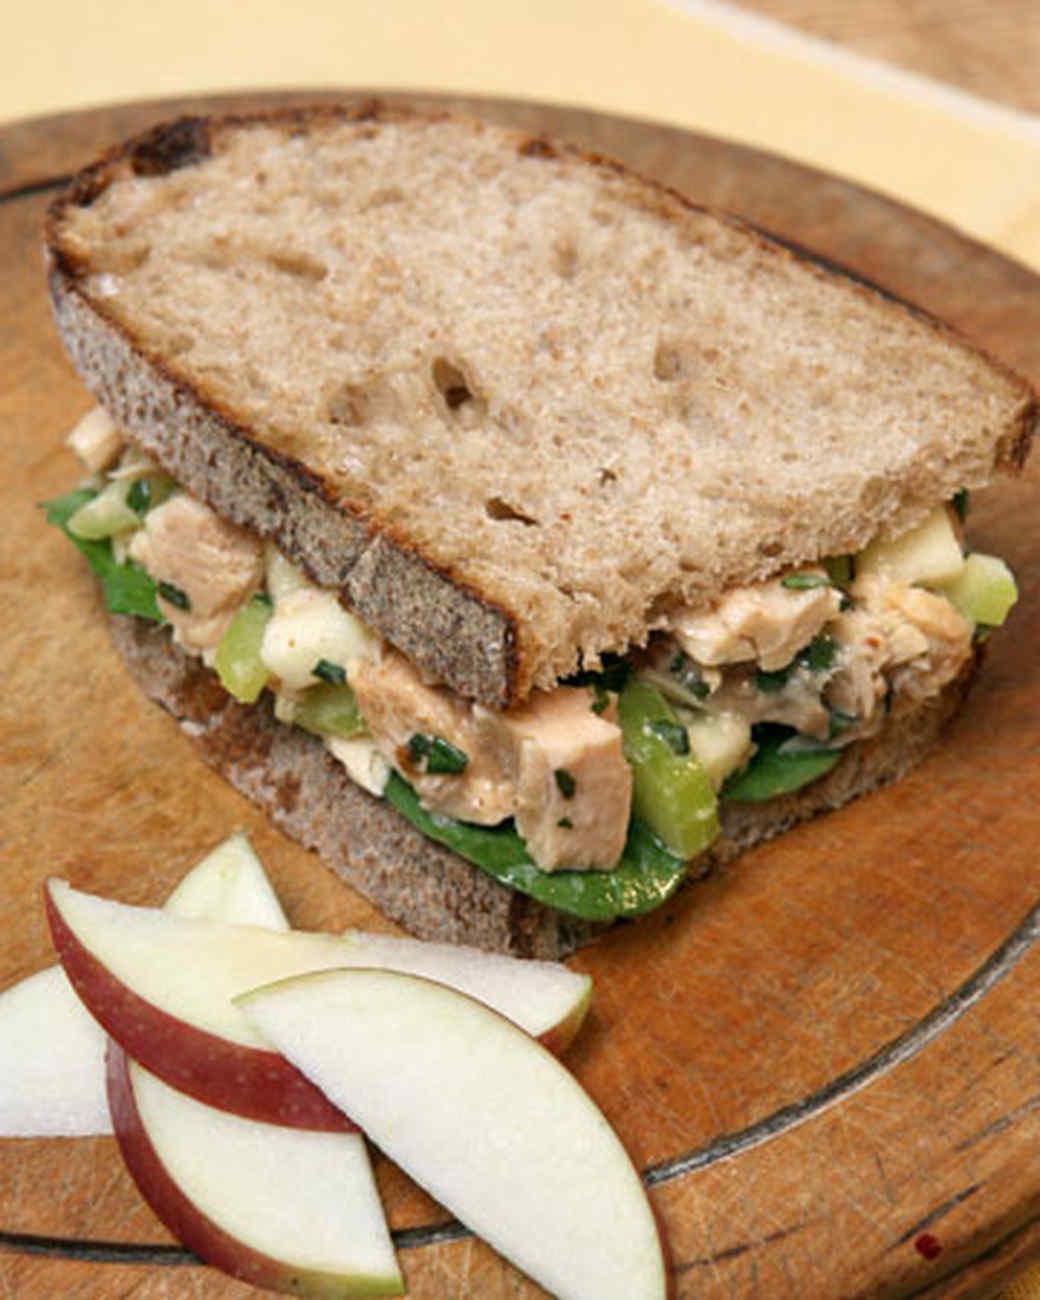 ... favorite egg salad martha s favorite egg salad martha s favorite egg